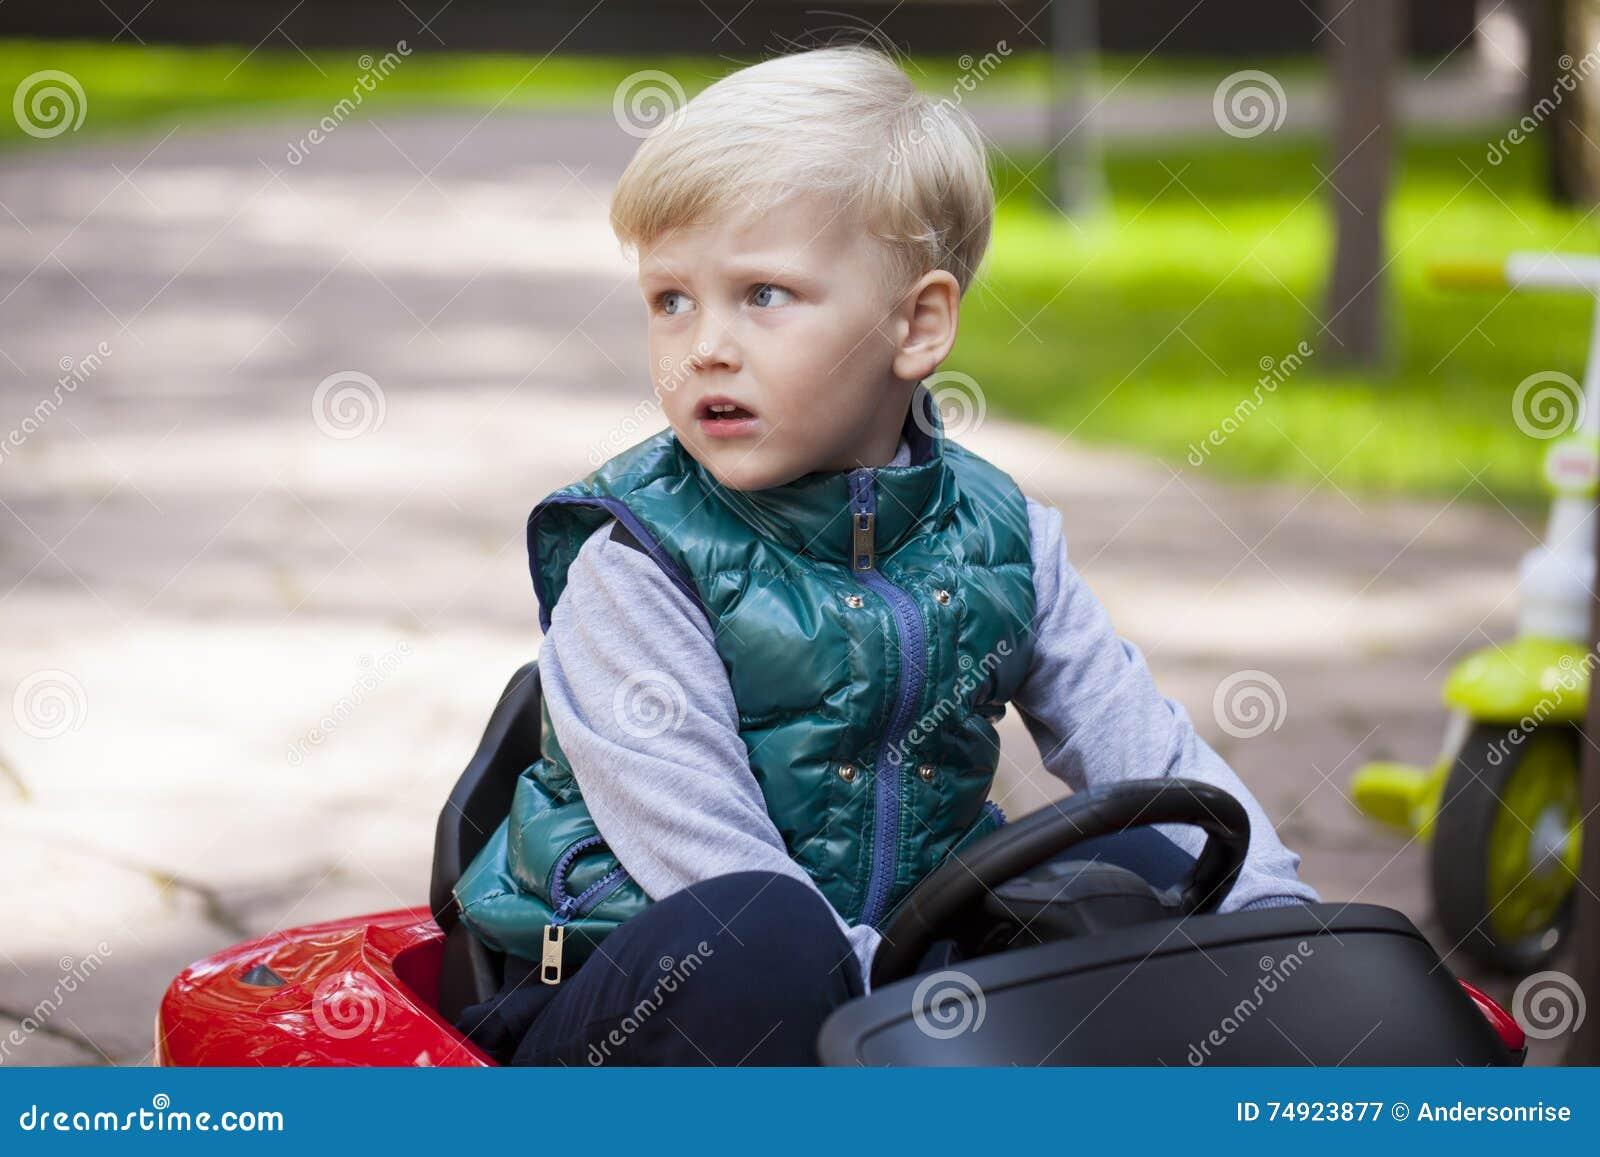 Chłopiec jedzie dużego zabawkarskiego samochód, wiosna outdoors